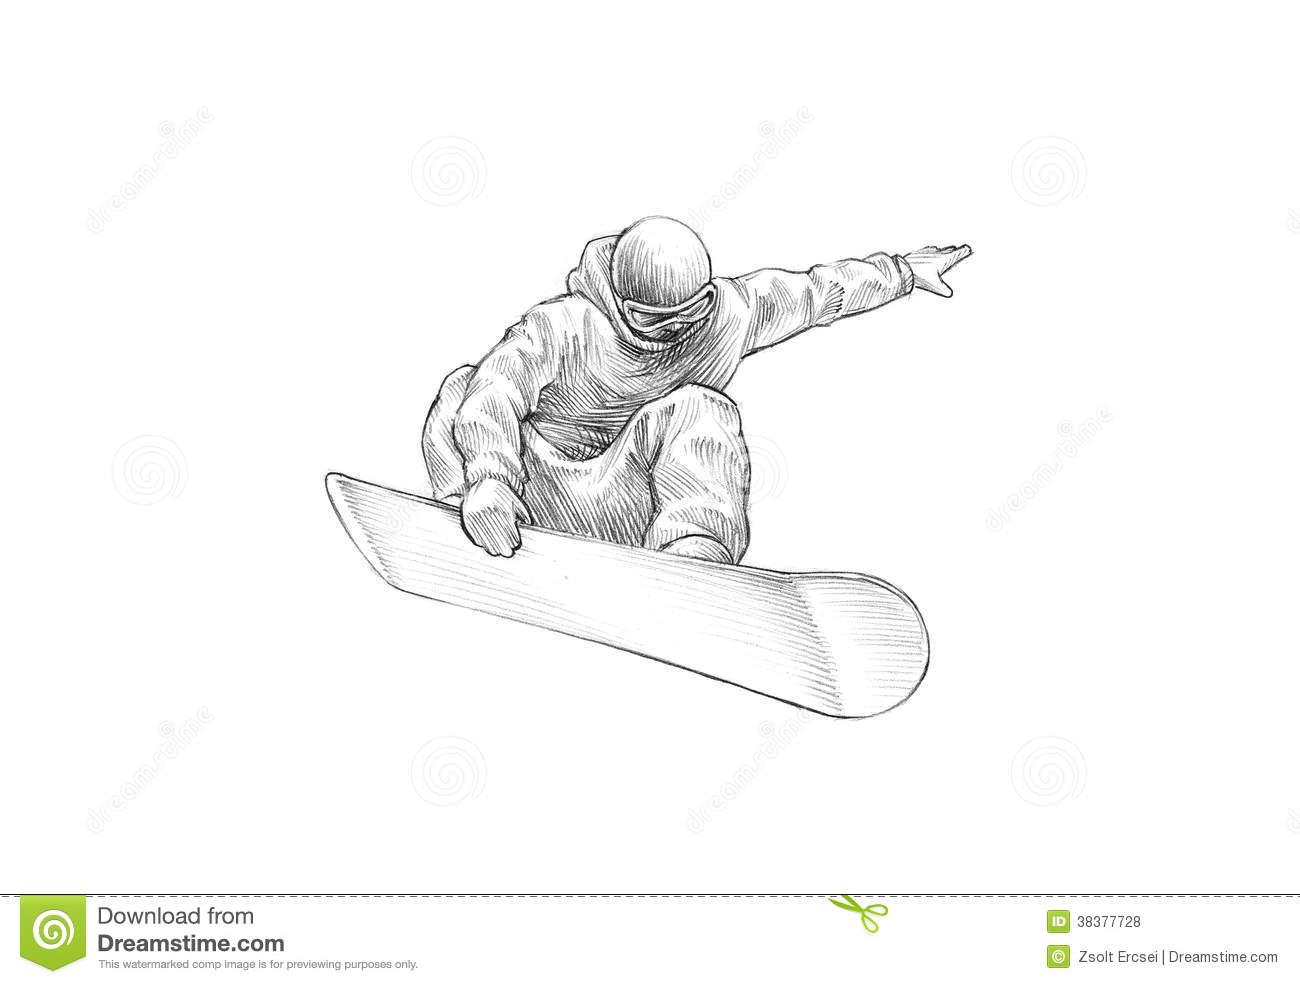 Drawn sketch Snowboarder pencil drawn drawn hand